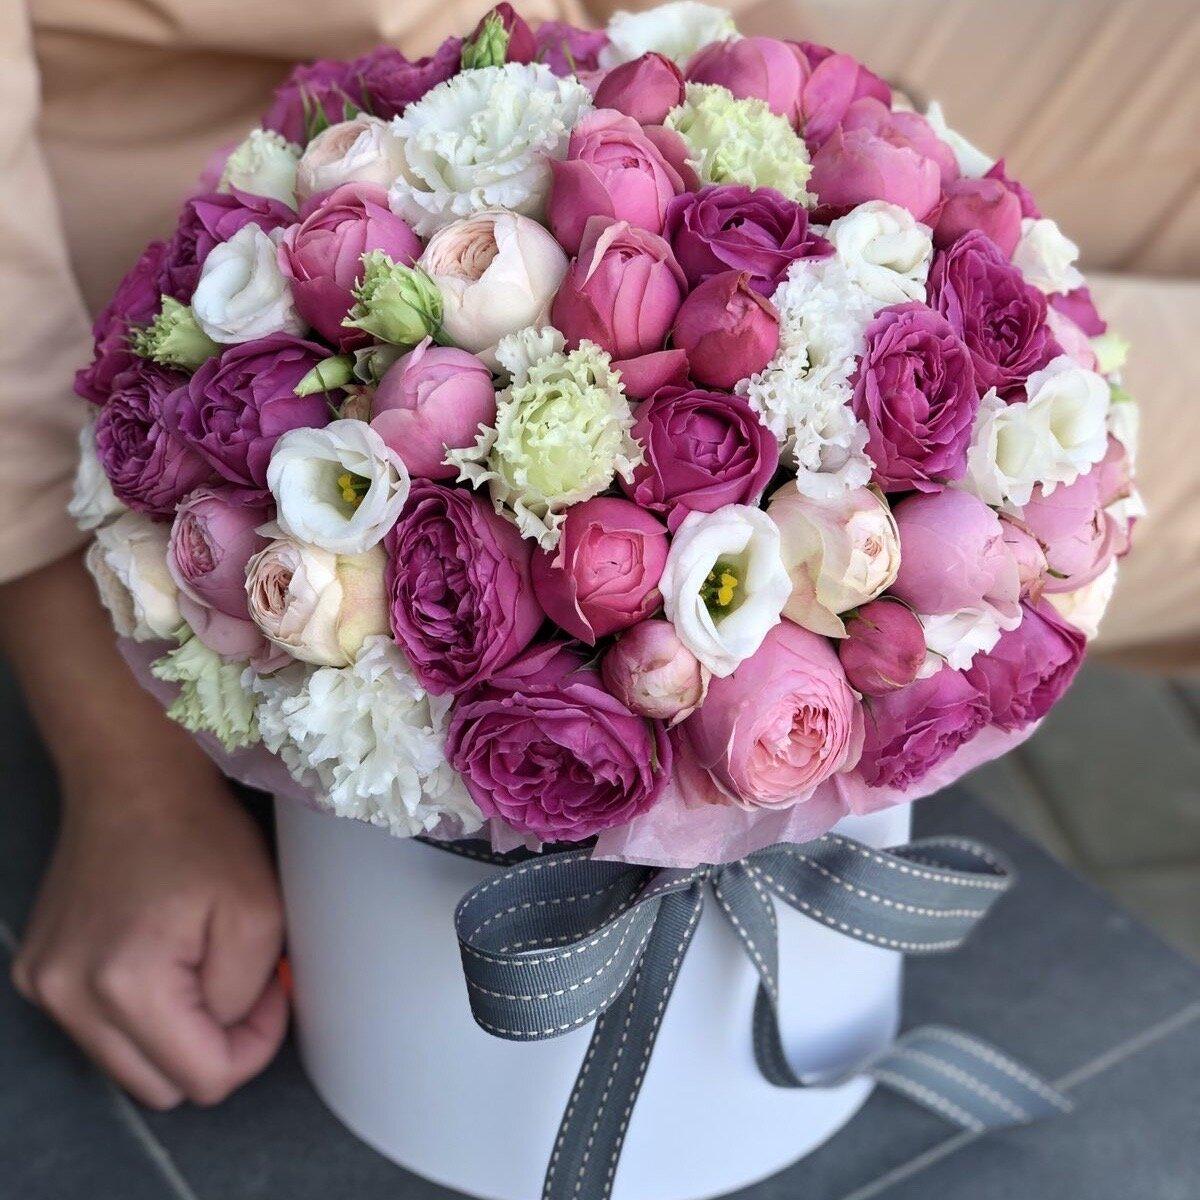 Шляпная коробка из пионовидной кустовой розы Невероятная